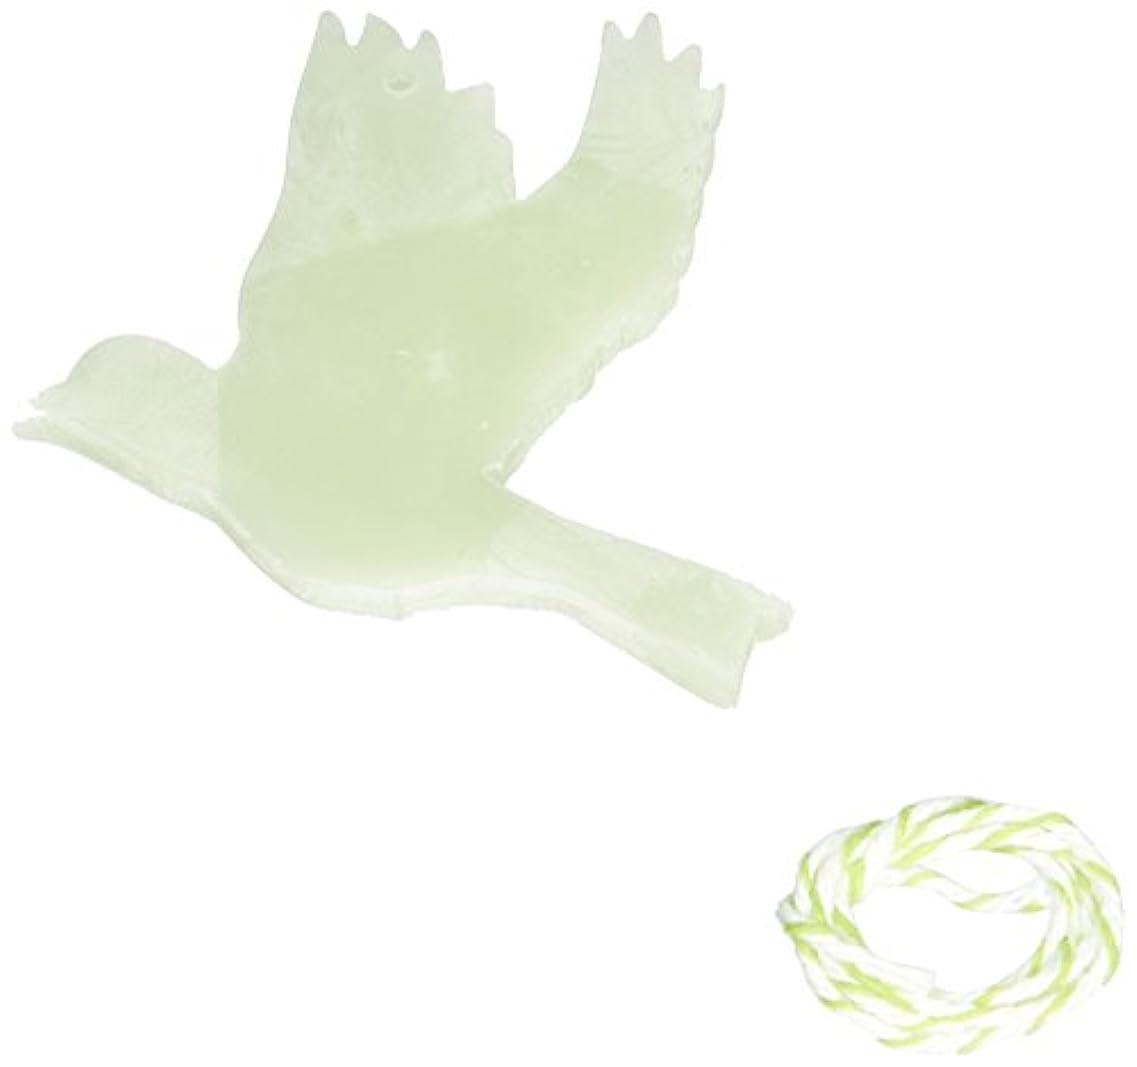 会話話すフルーティーGRASSE TOKYO AROMATICWAXチャーム「ハト」(GR) レモングラス アロマティックワックス グラーストウキョウ